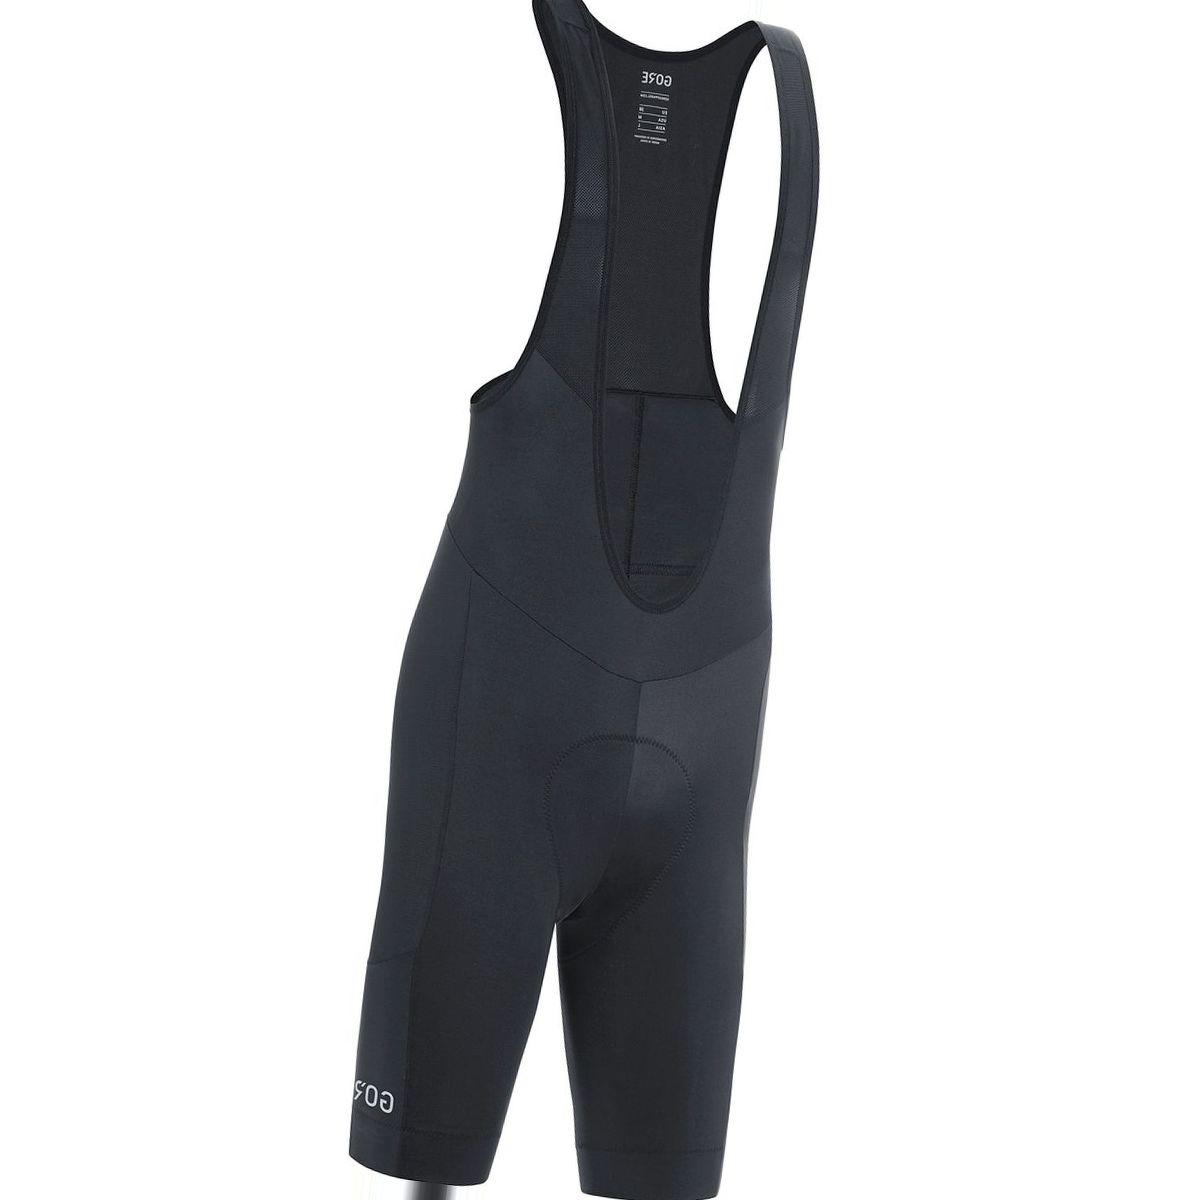 Gore Wear C5 Trail Liner Bib Shorts+ - Women's